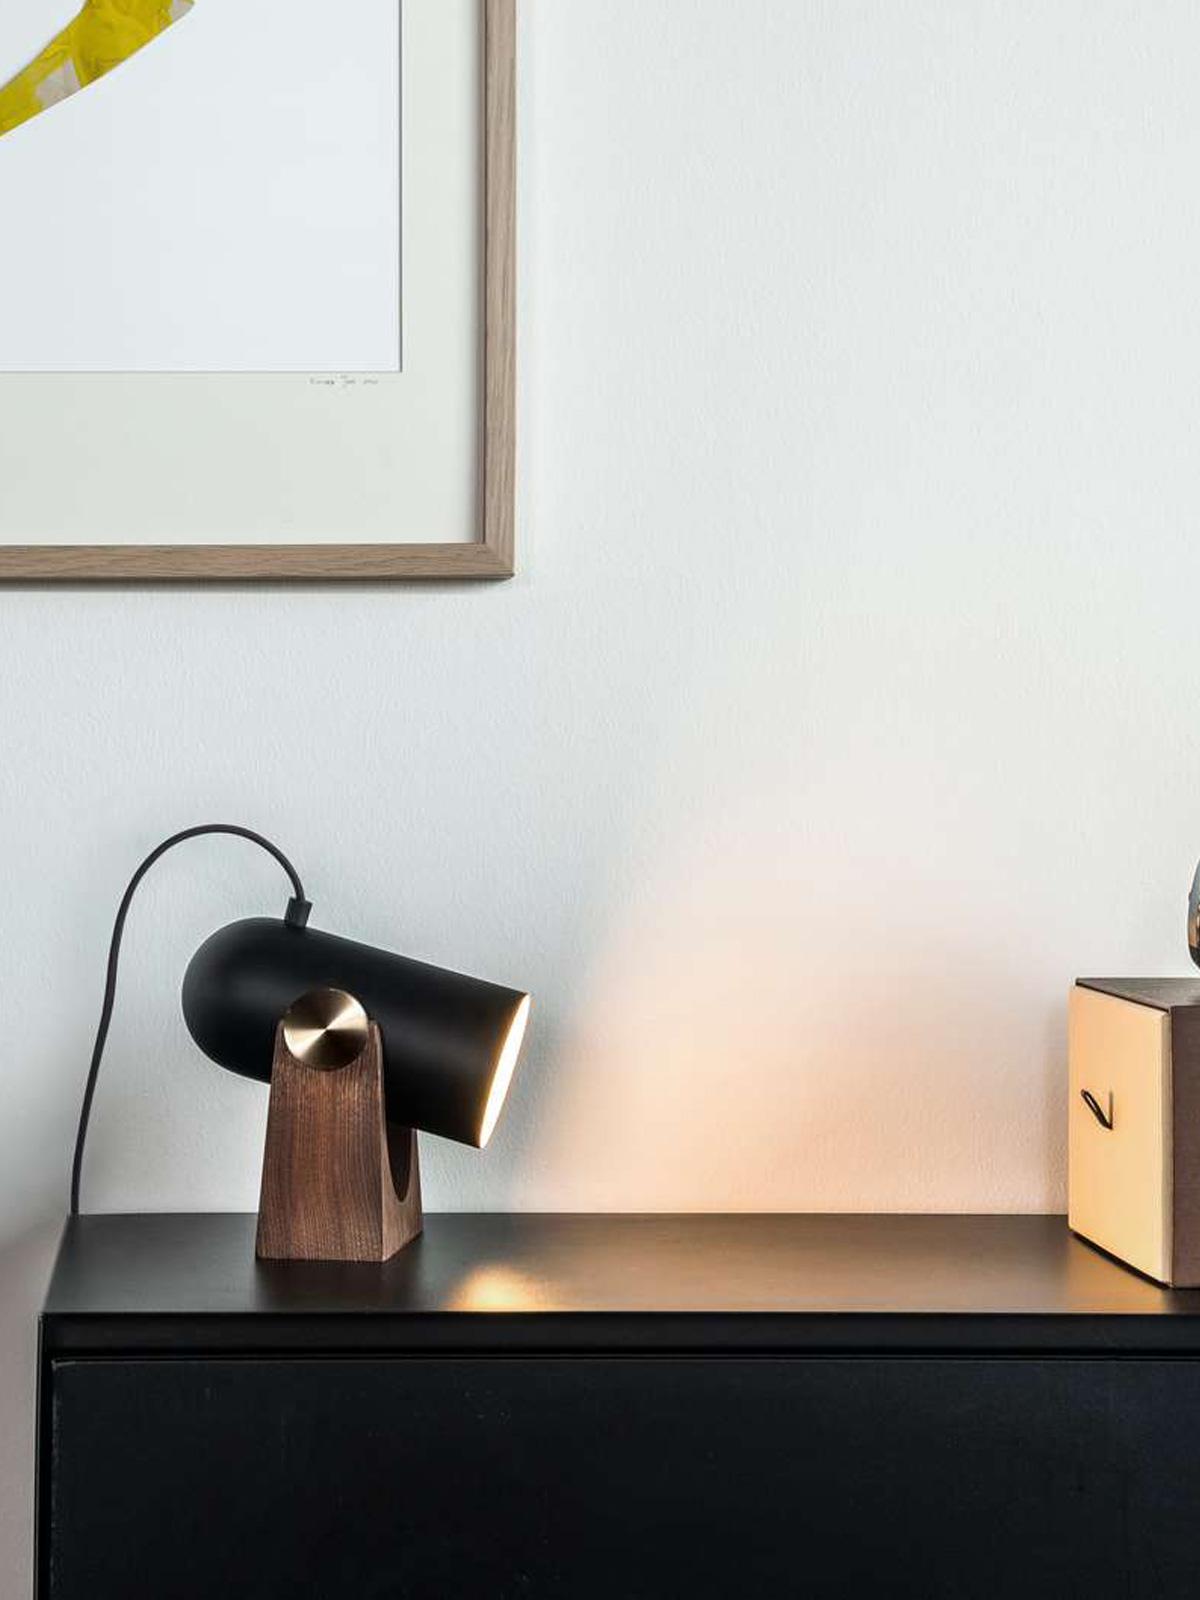 DesignOrt Blog: Multifunktionale Designerleuchten Wandleuchte und Tischleuchte Carronade Wall Table